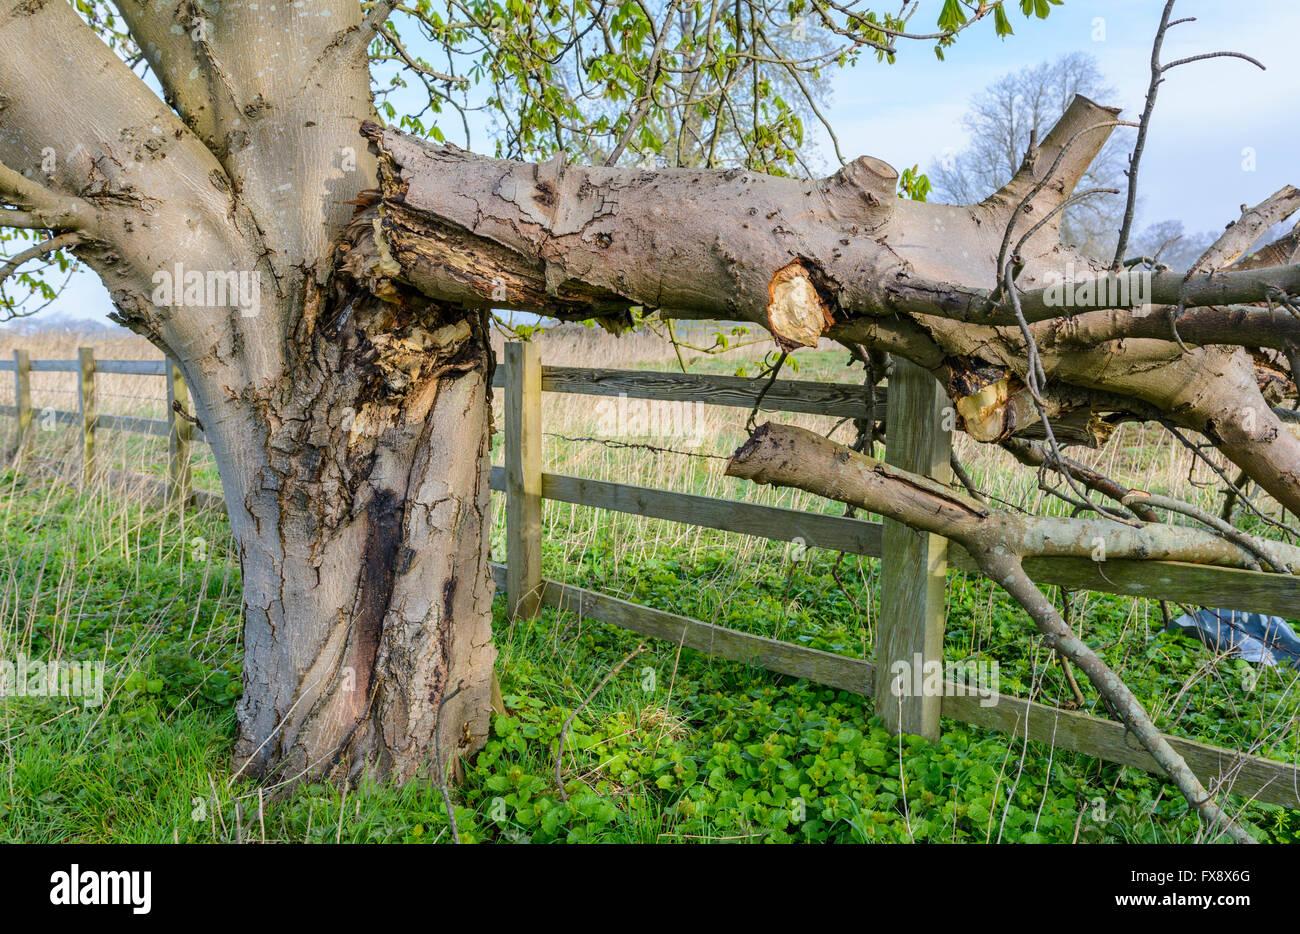 Struttura danneggiata con il ramo interrotto e la rottura di una recinzione di legno. Immagini Stock